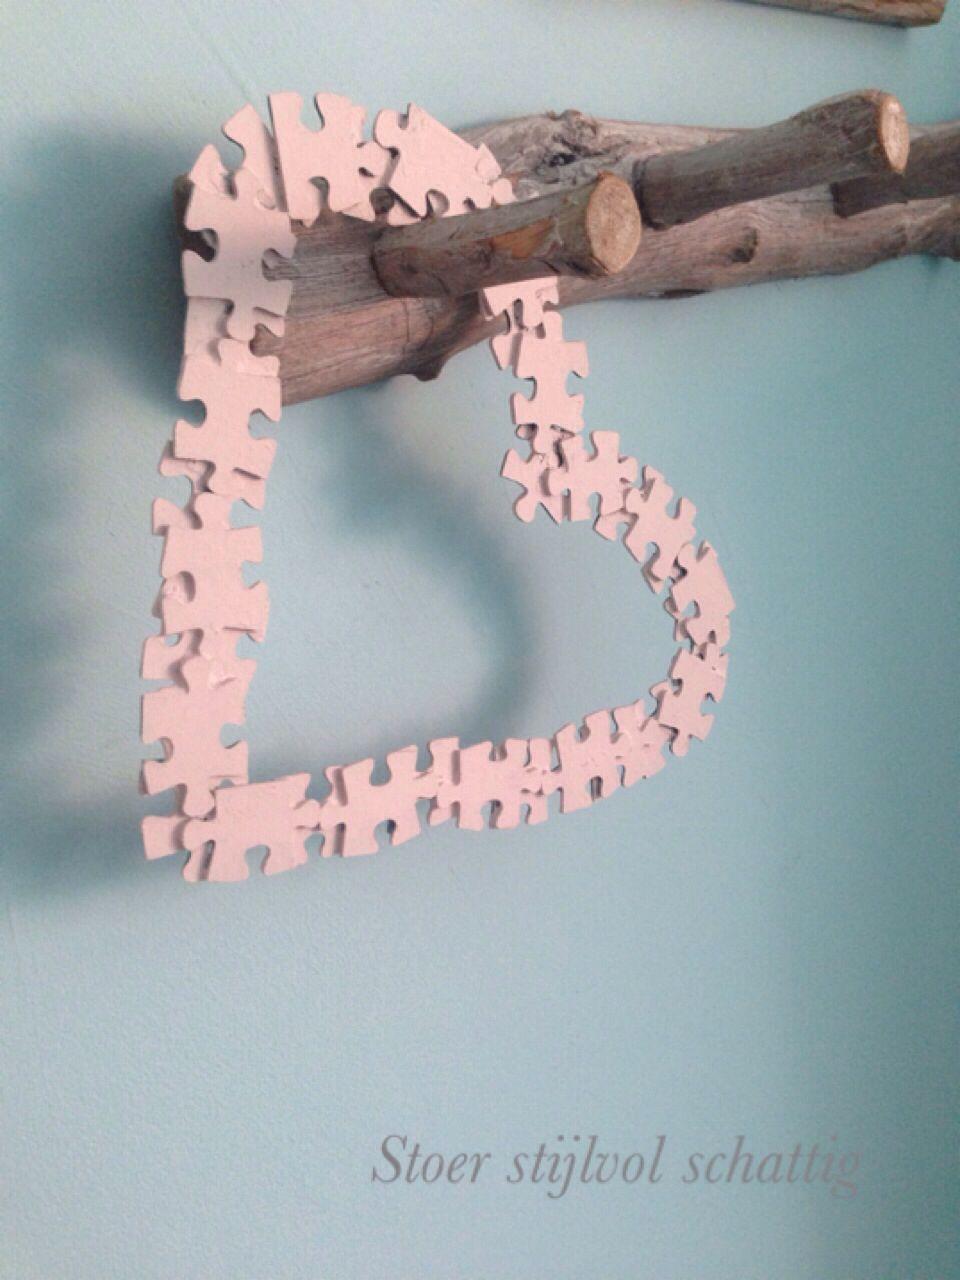 Hartje gemaakt van puzzelstukjes   De uitleg staat op Facebook stoer stijlvol schattig!!!